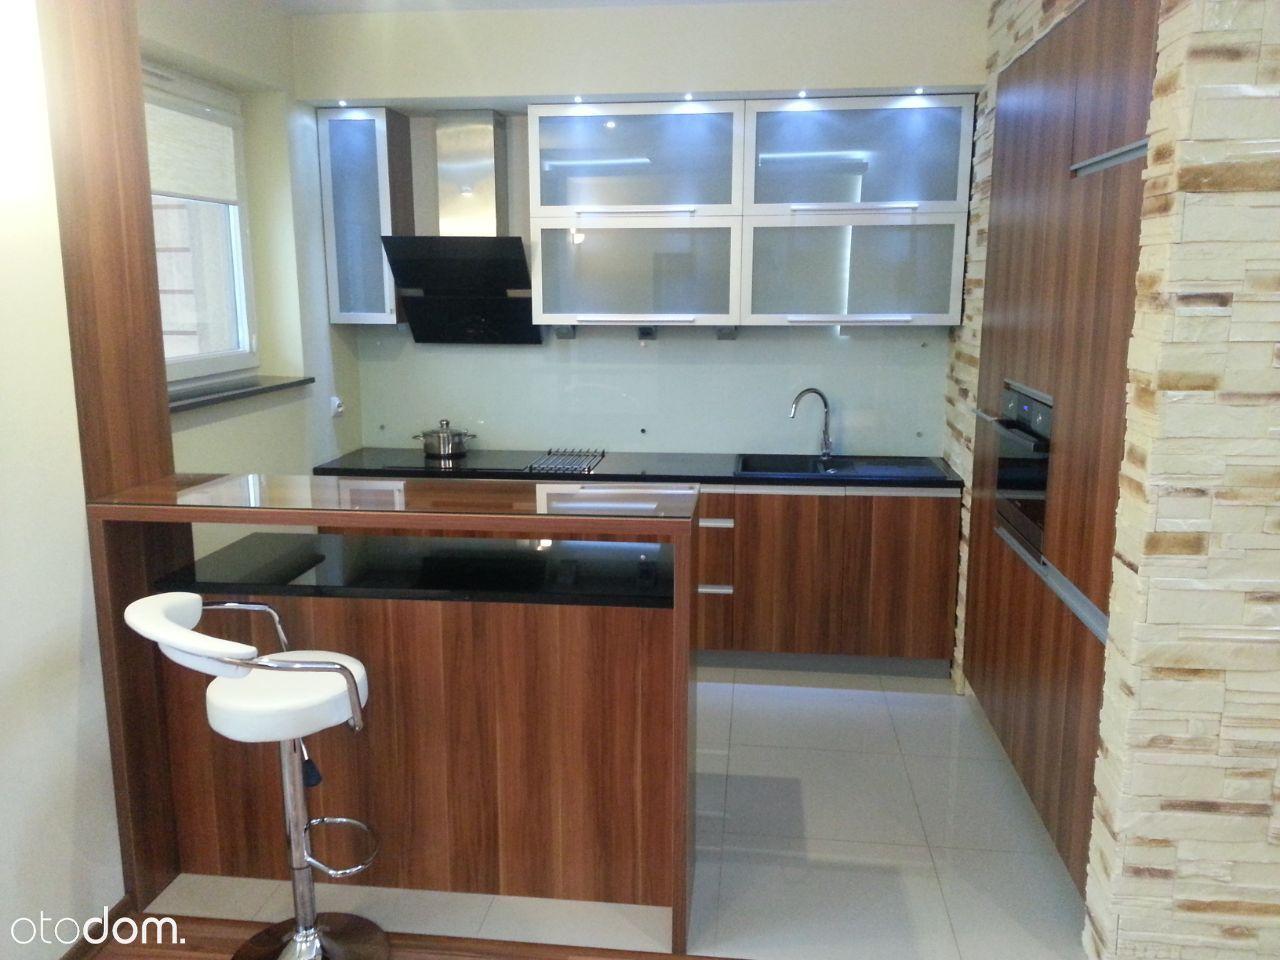 Mieszkanie - 58 m², 2 pokoje, podziemny parking